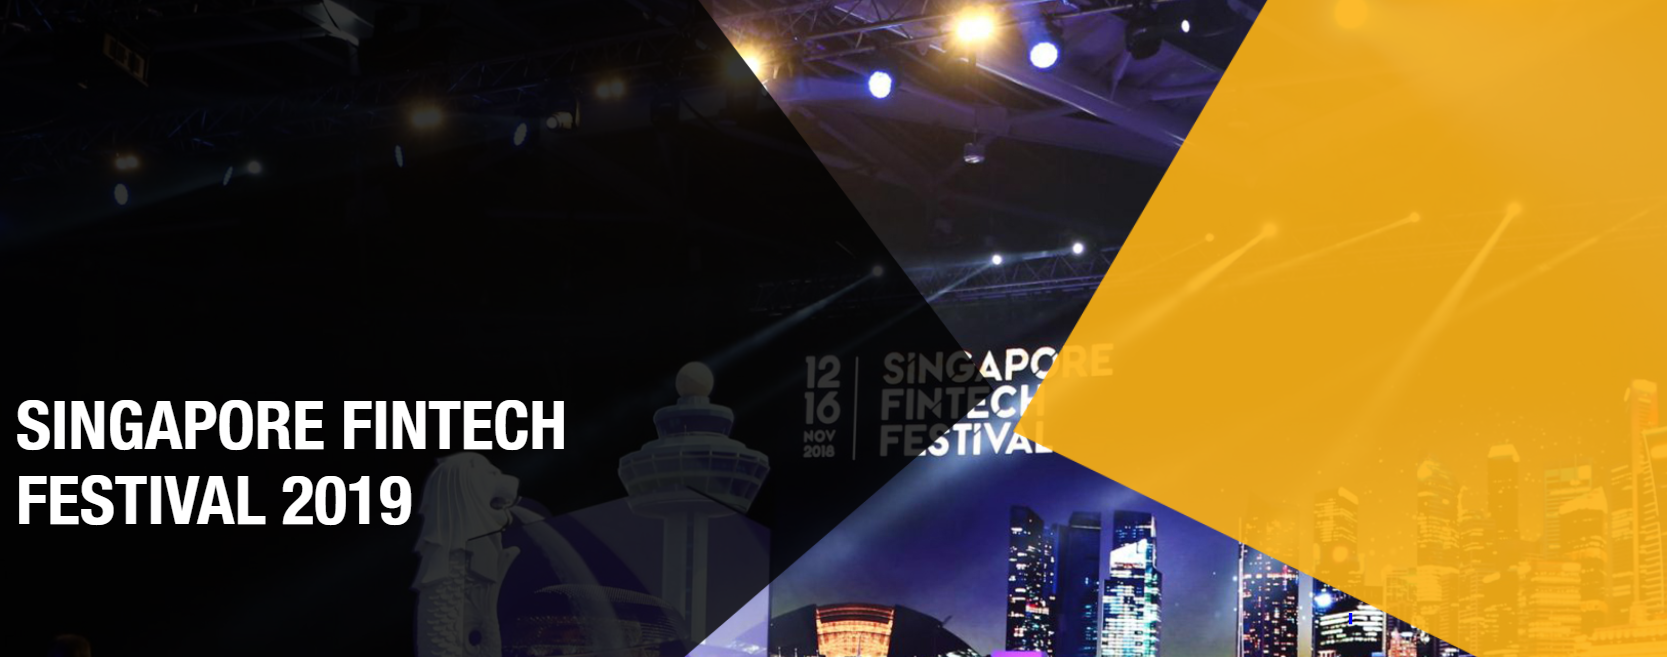 Événement fintech 2019 - Singapore Fintech Festival